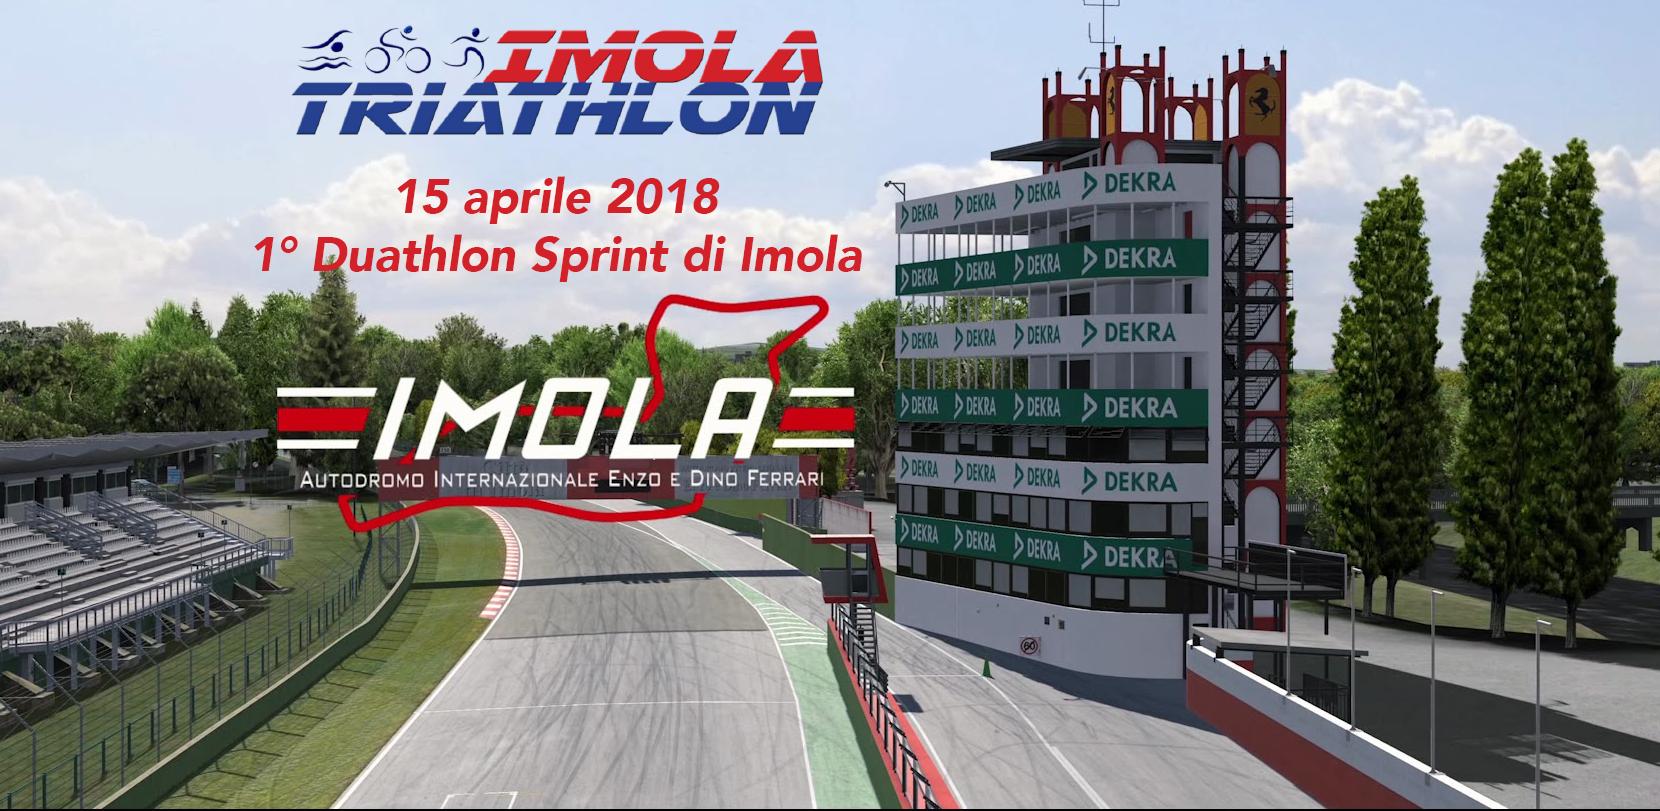 Duathlon Sprint di Imola